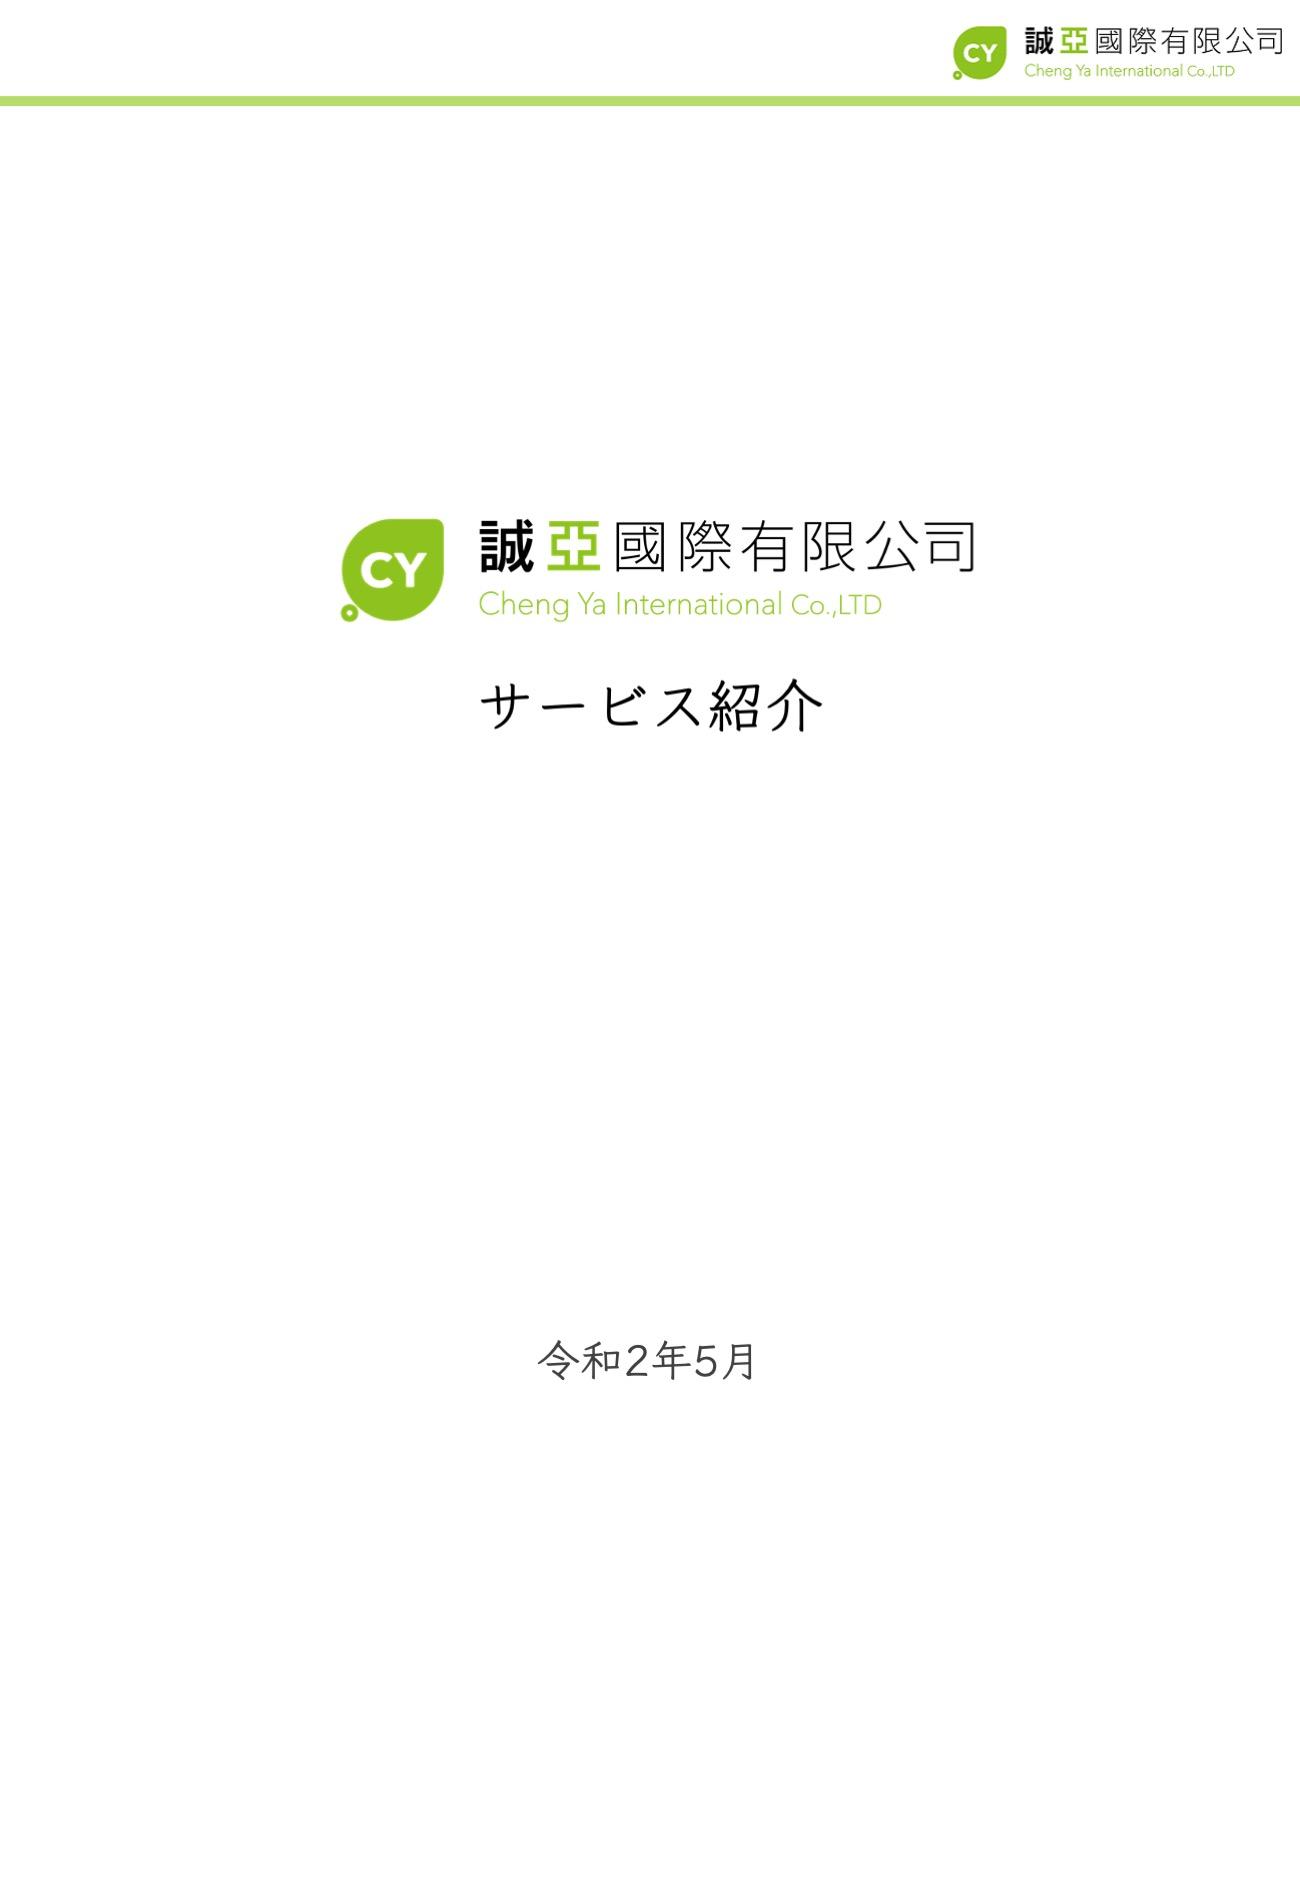 サービス紹介ダウンロード